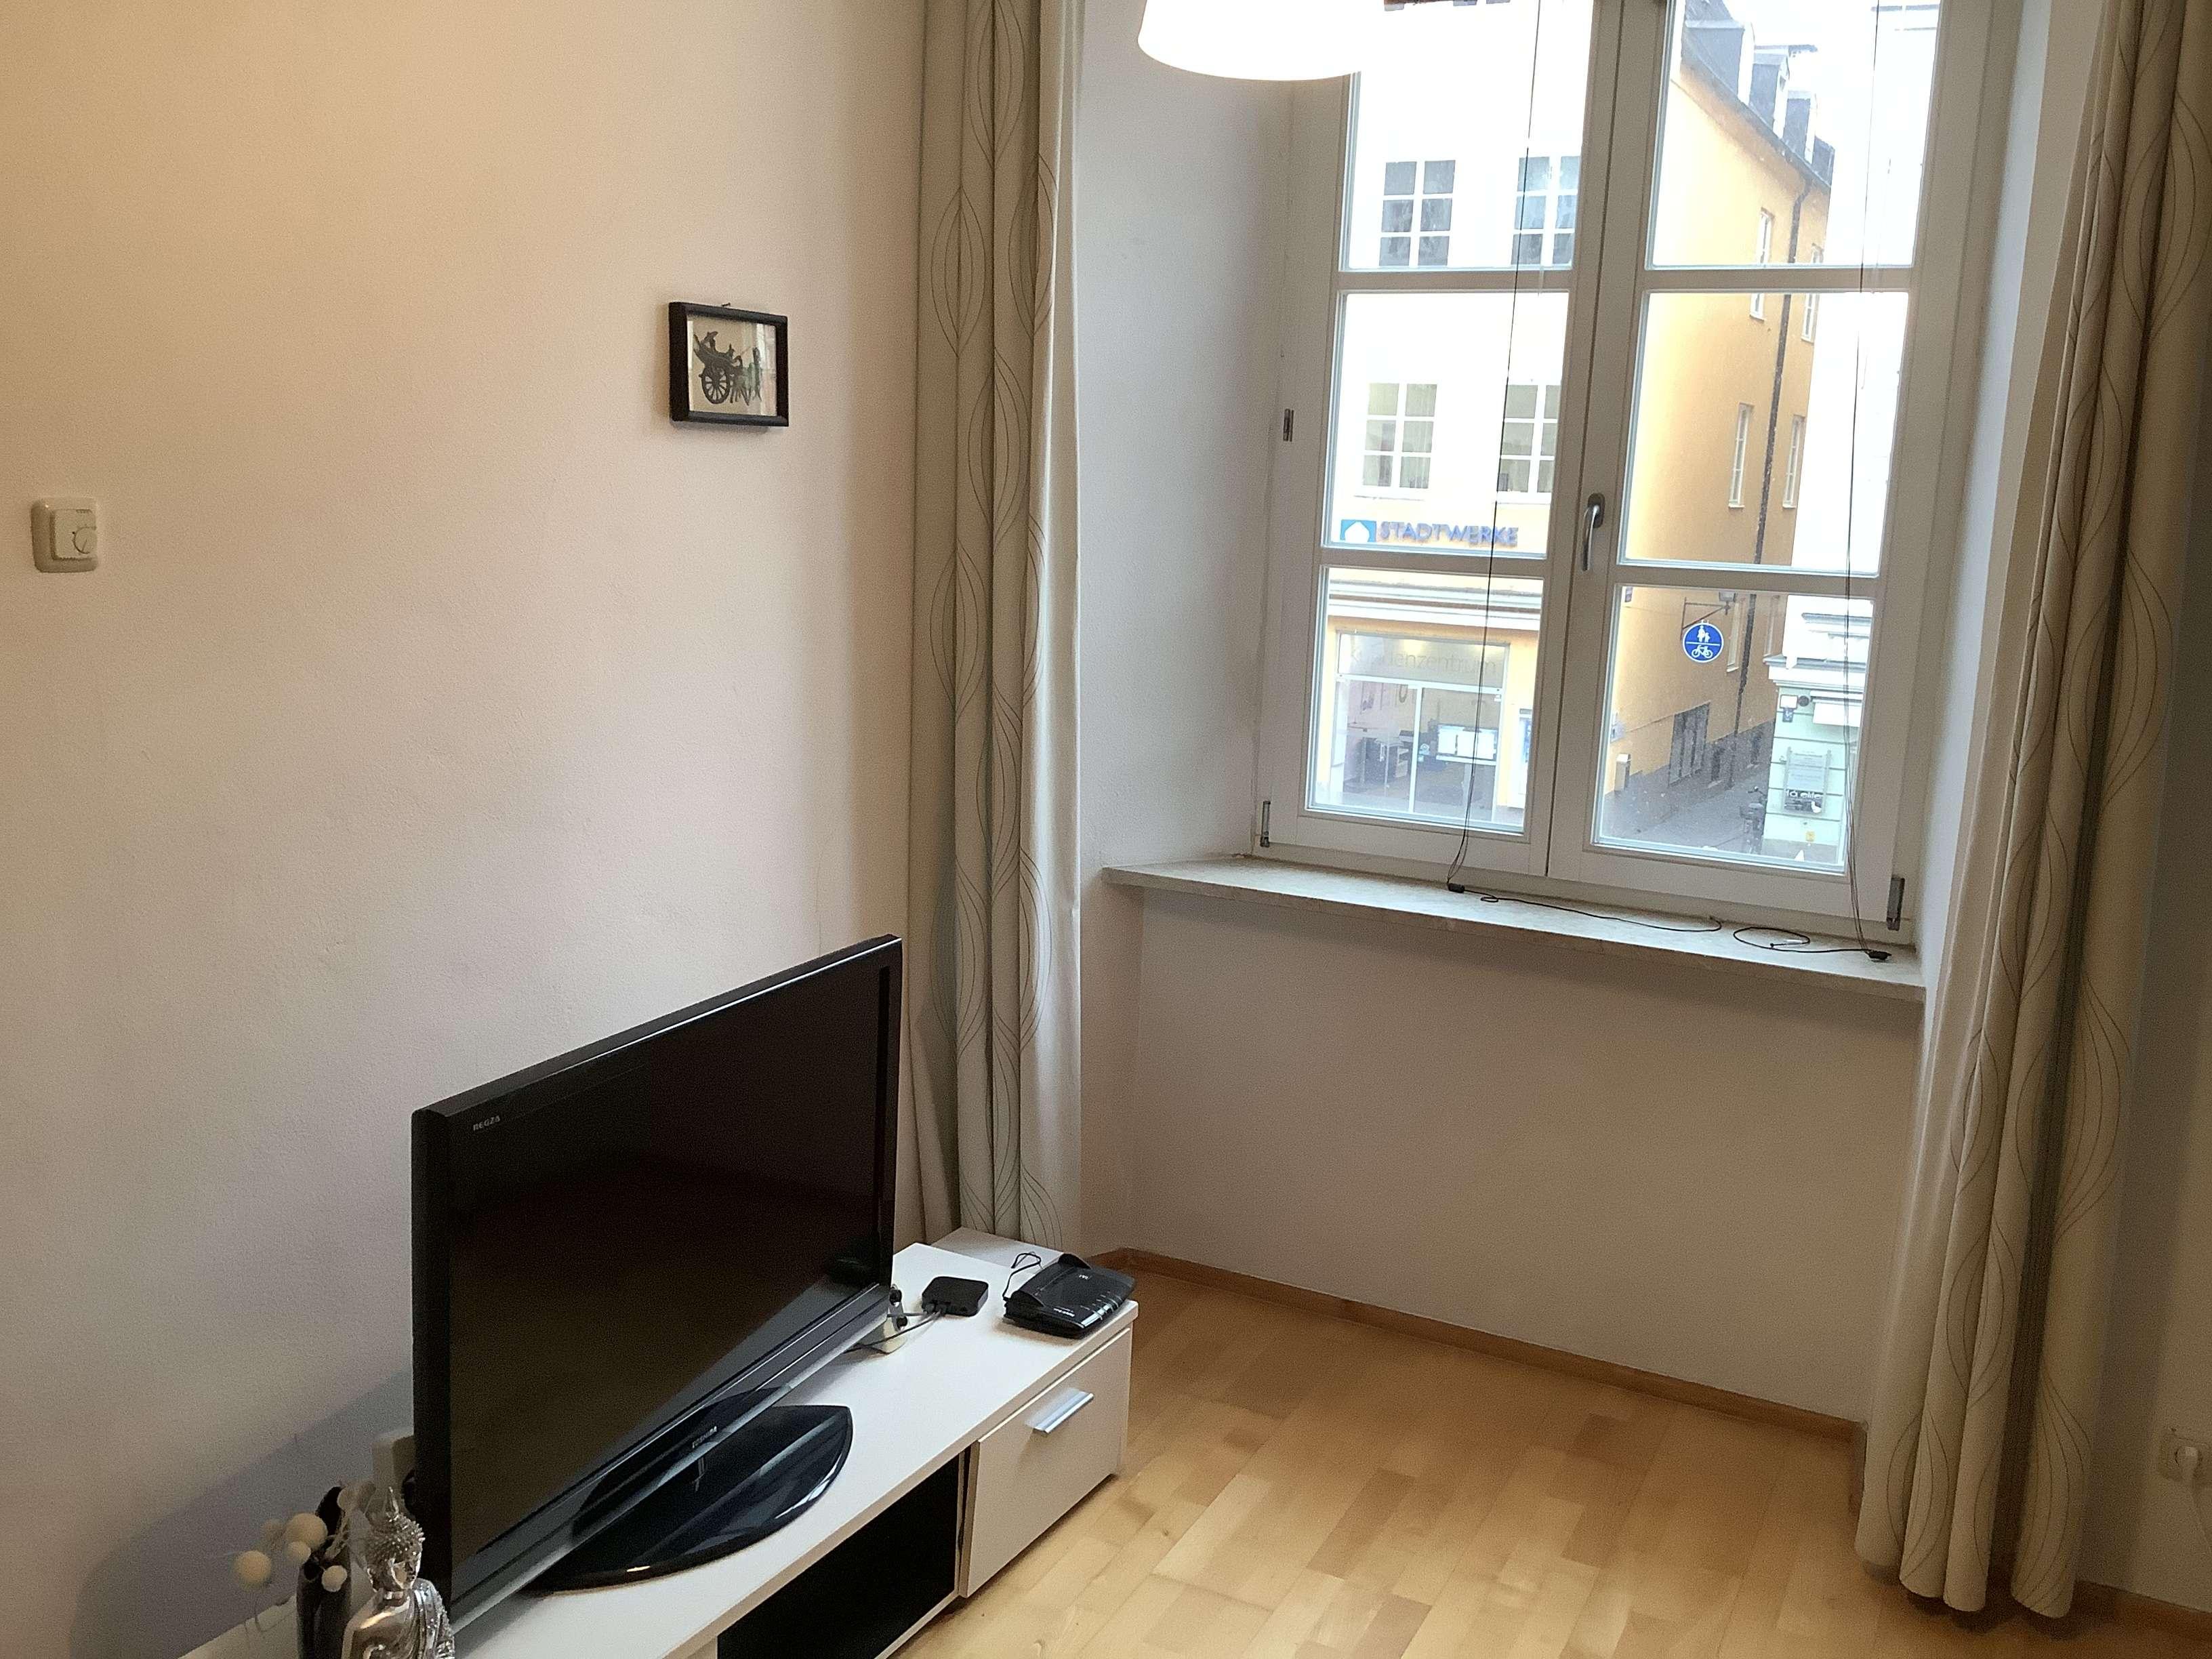 Schöne 2-Zimmer-Wohnung mit Einbauküche in Landshut in Altstadt (Landshut)